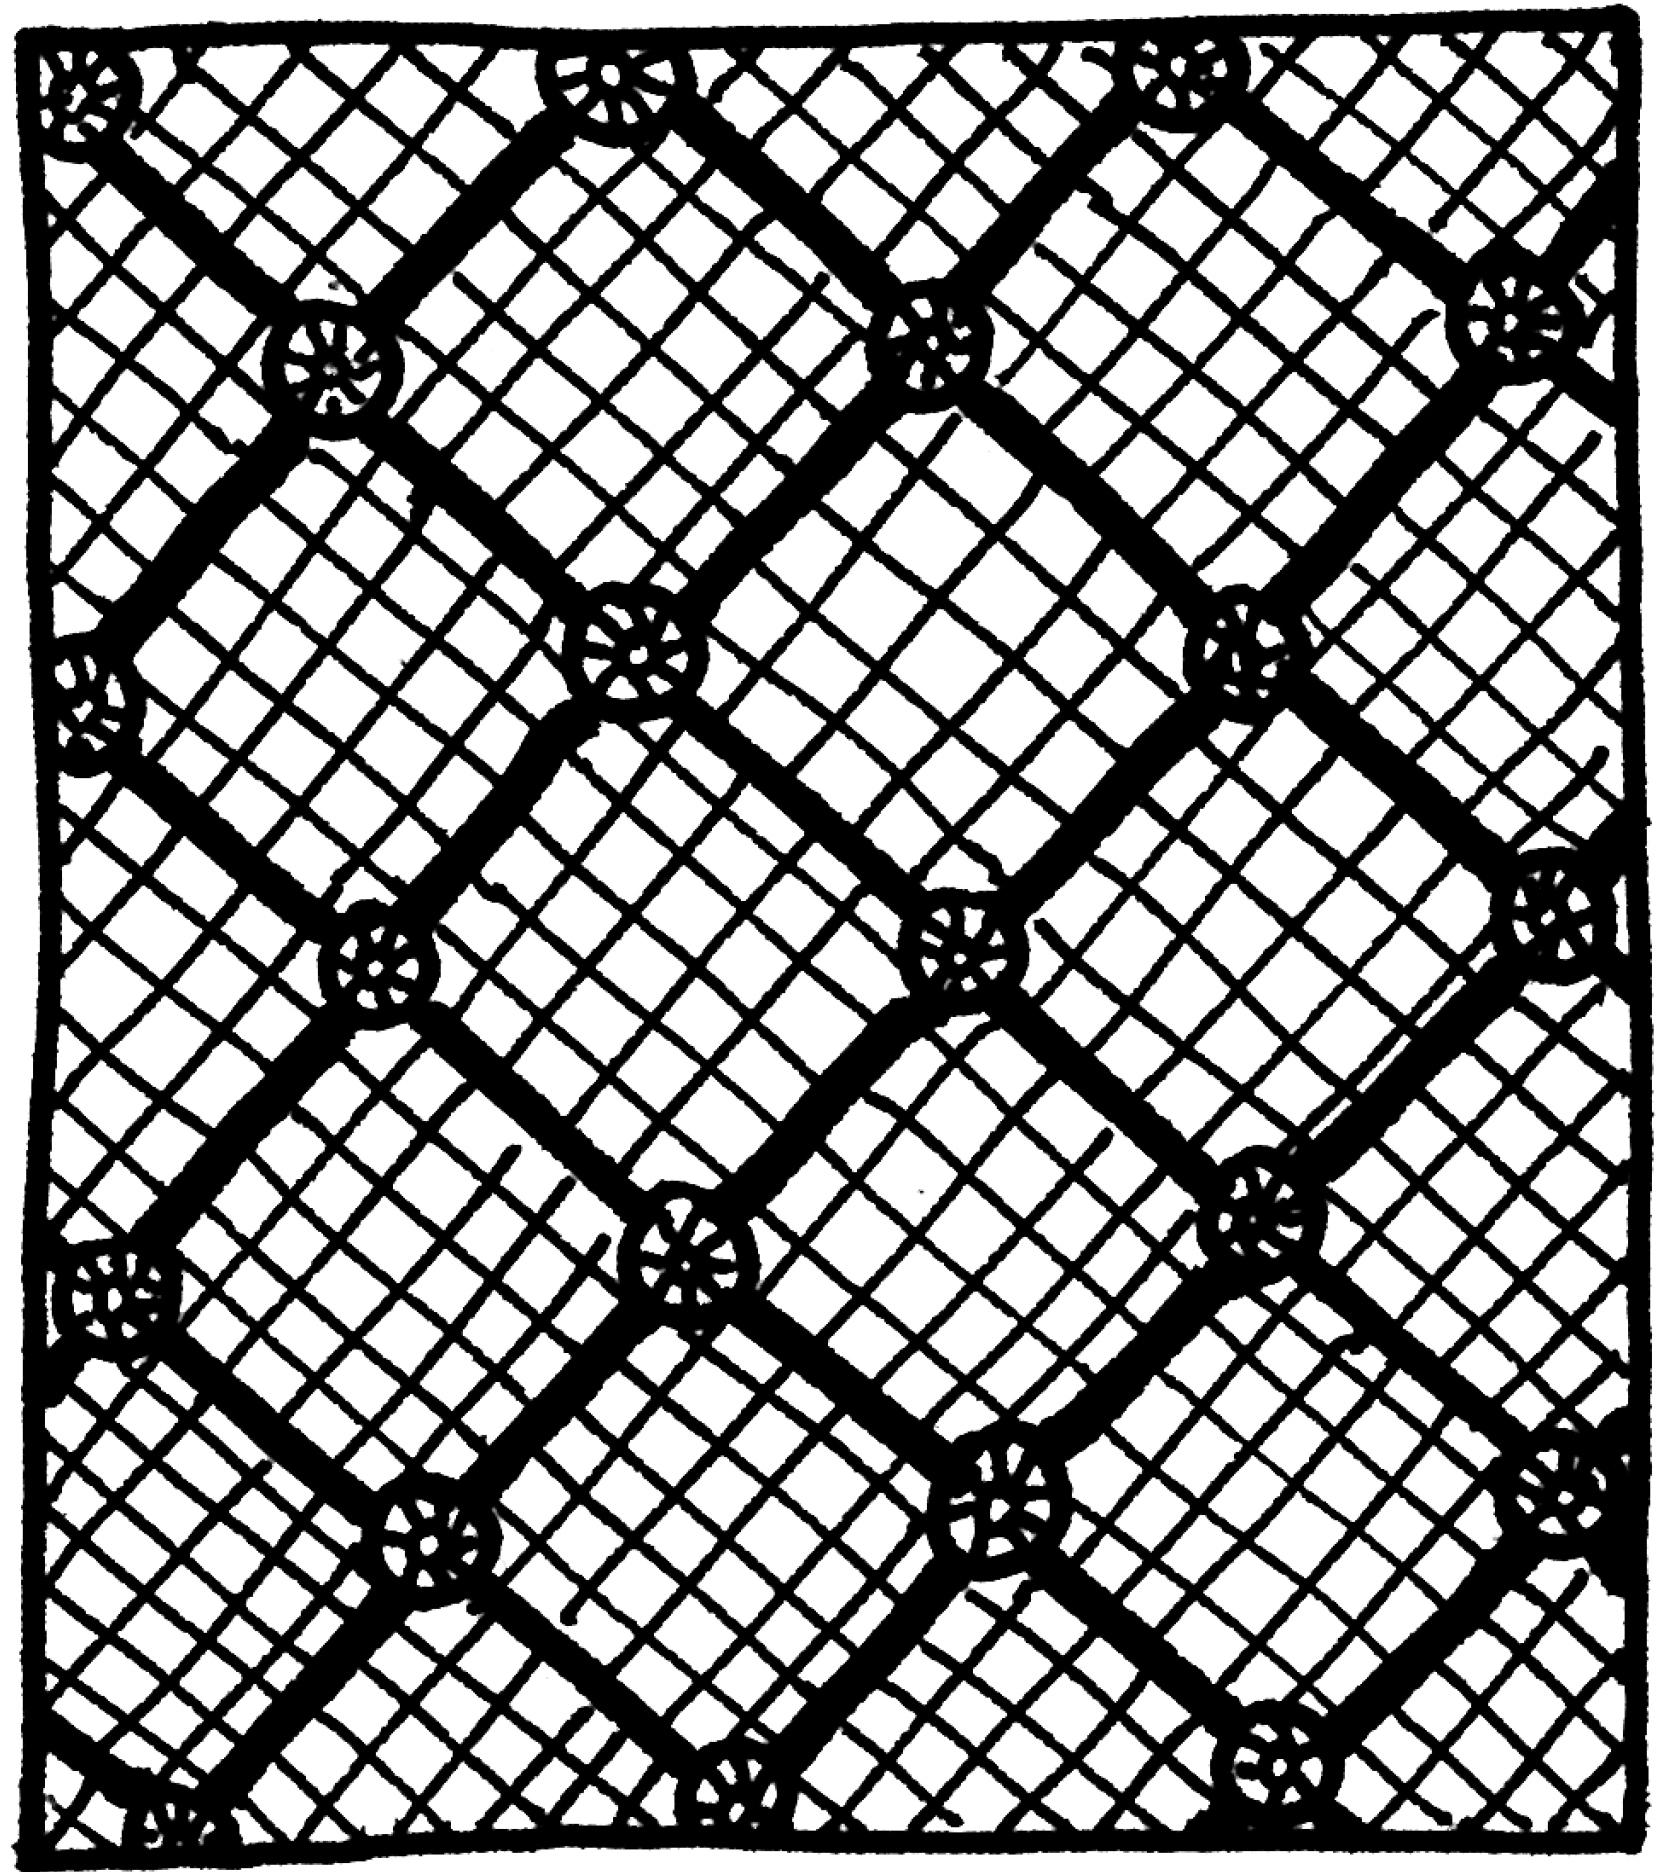 Valencia_patterns20.jpg